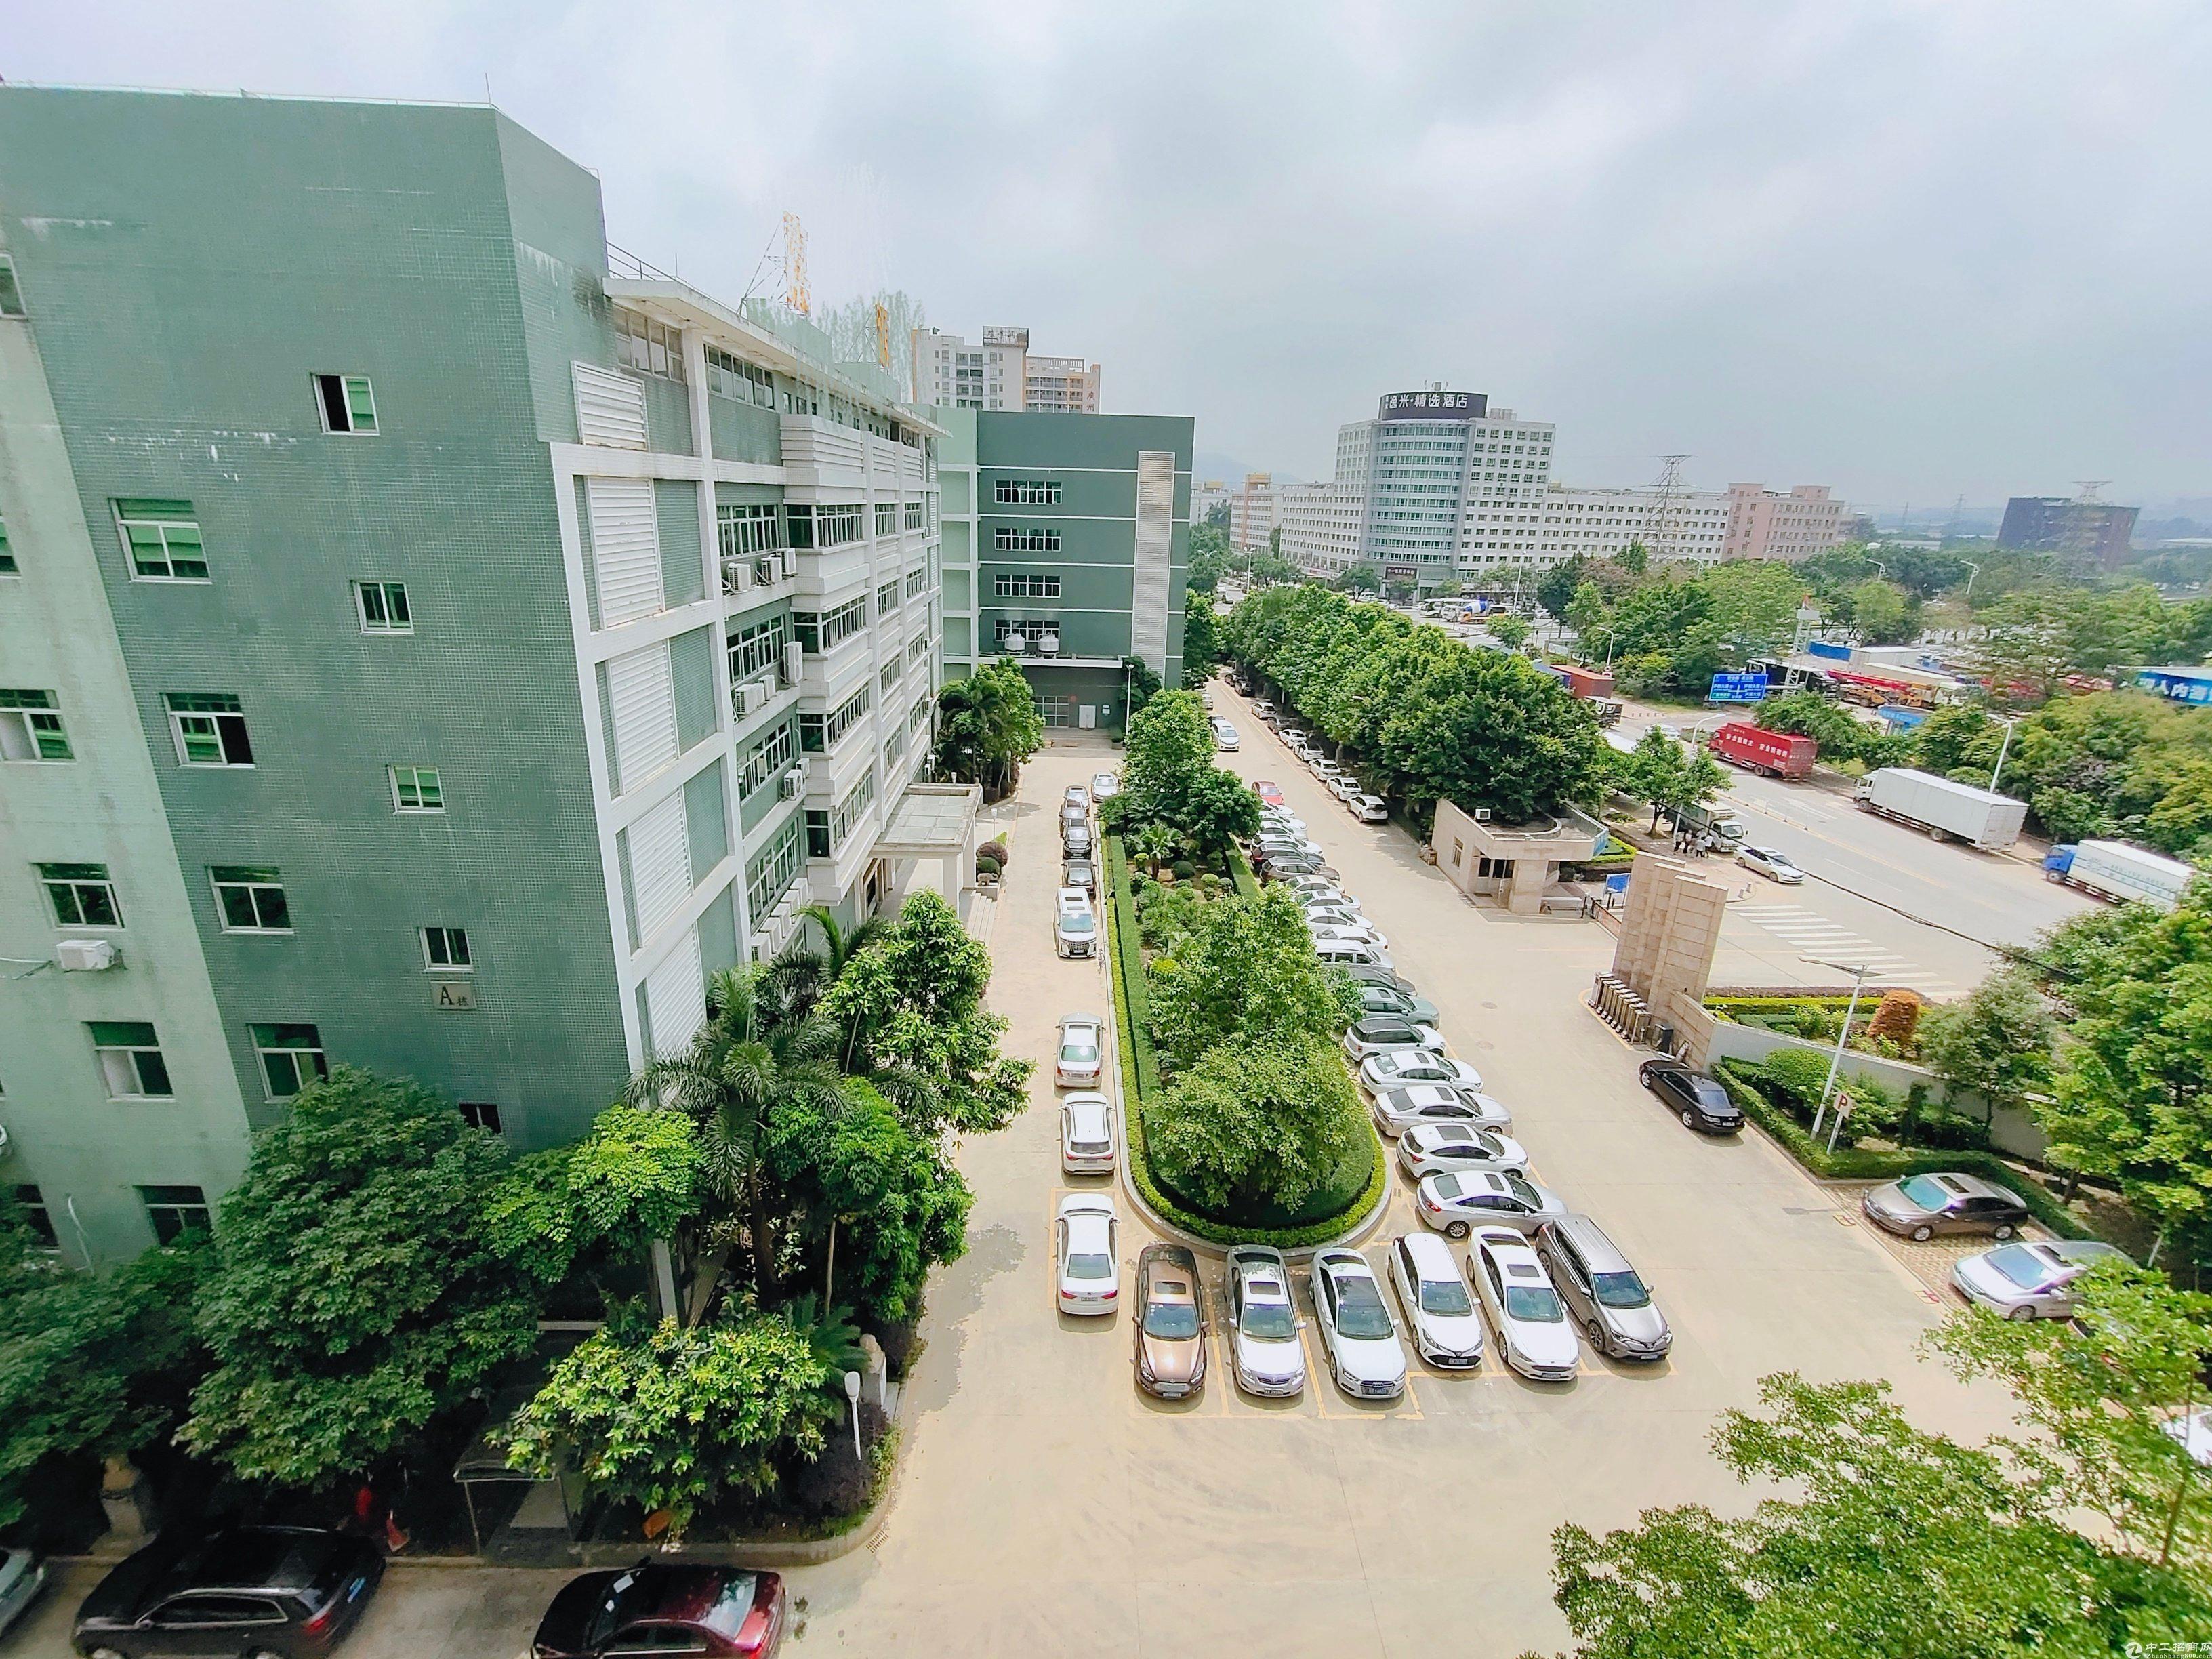 黄埔联和边上新出园区厂房1楼3600平方,价格优惠